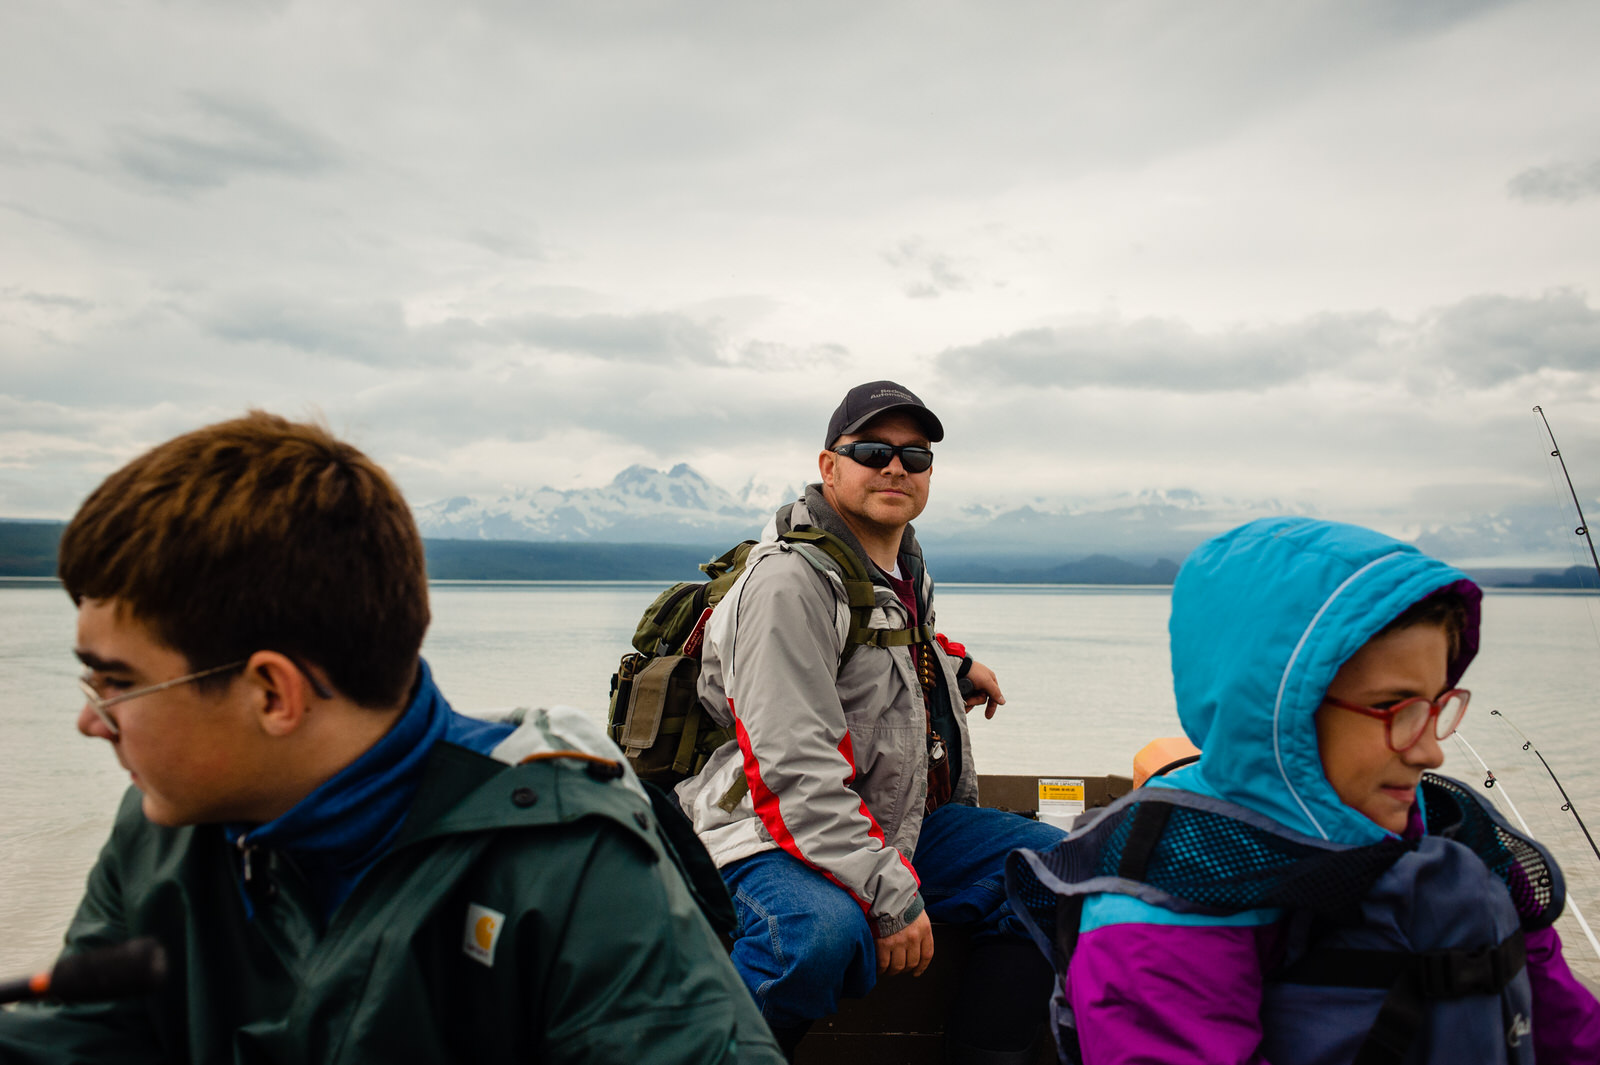 Beluga_lake_alaska_fly_out_fishing_trip (28).JPG